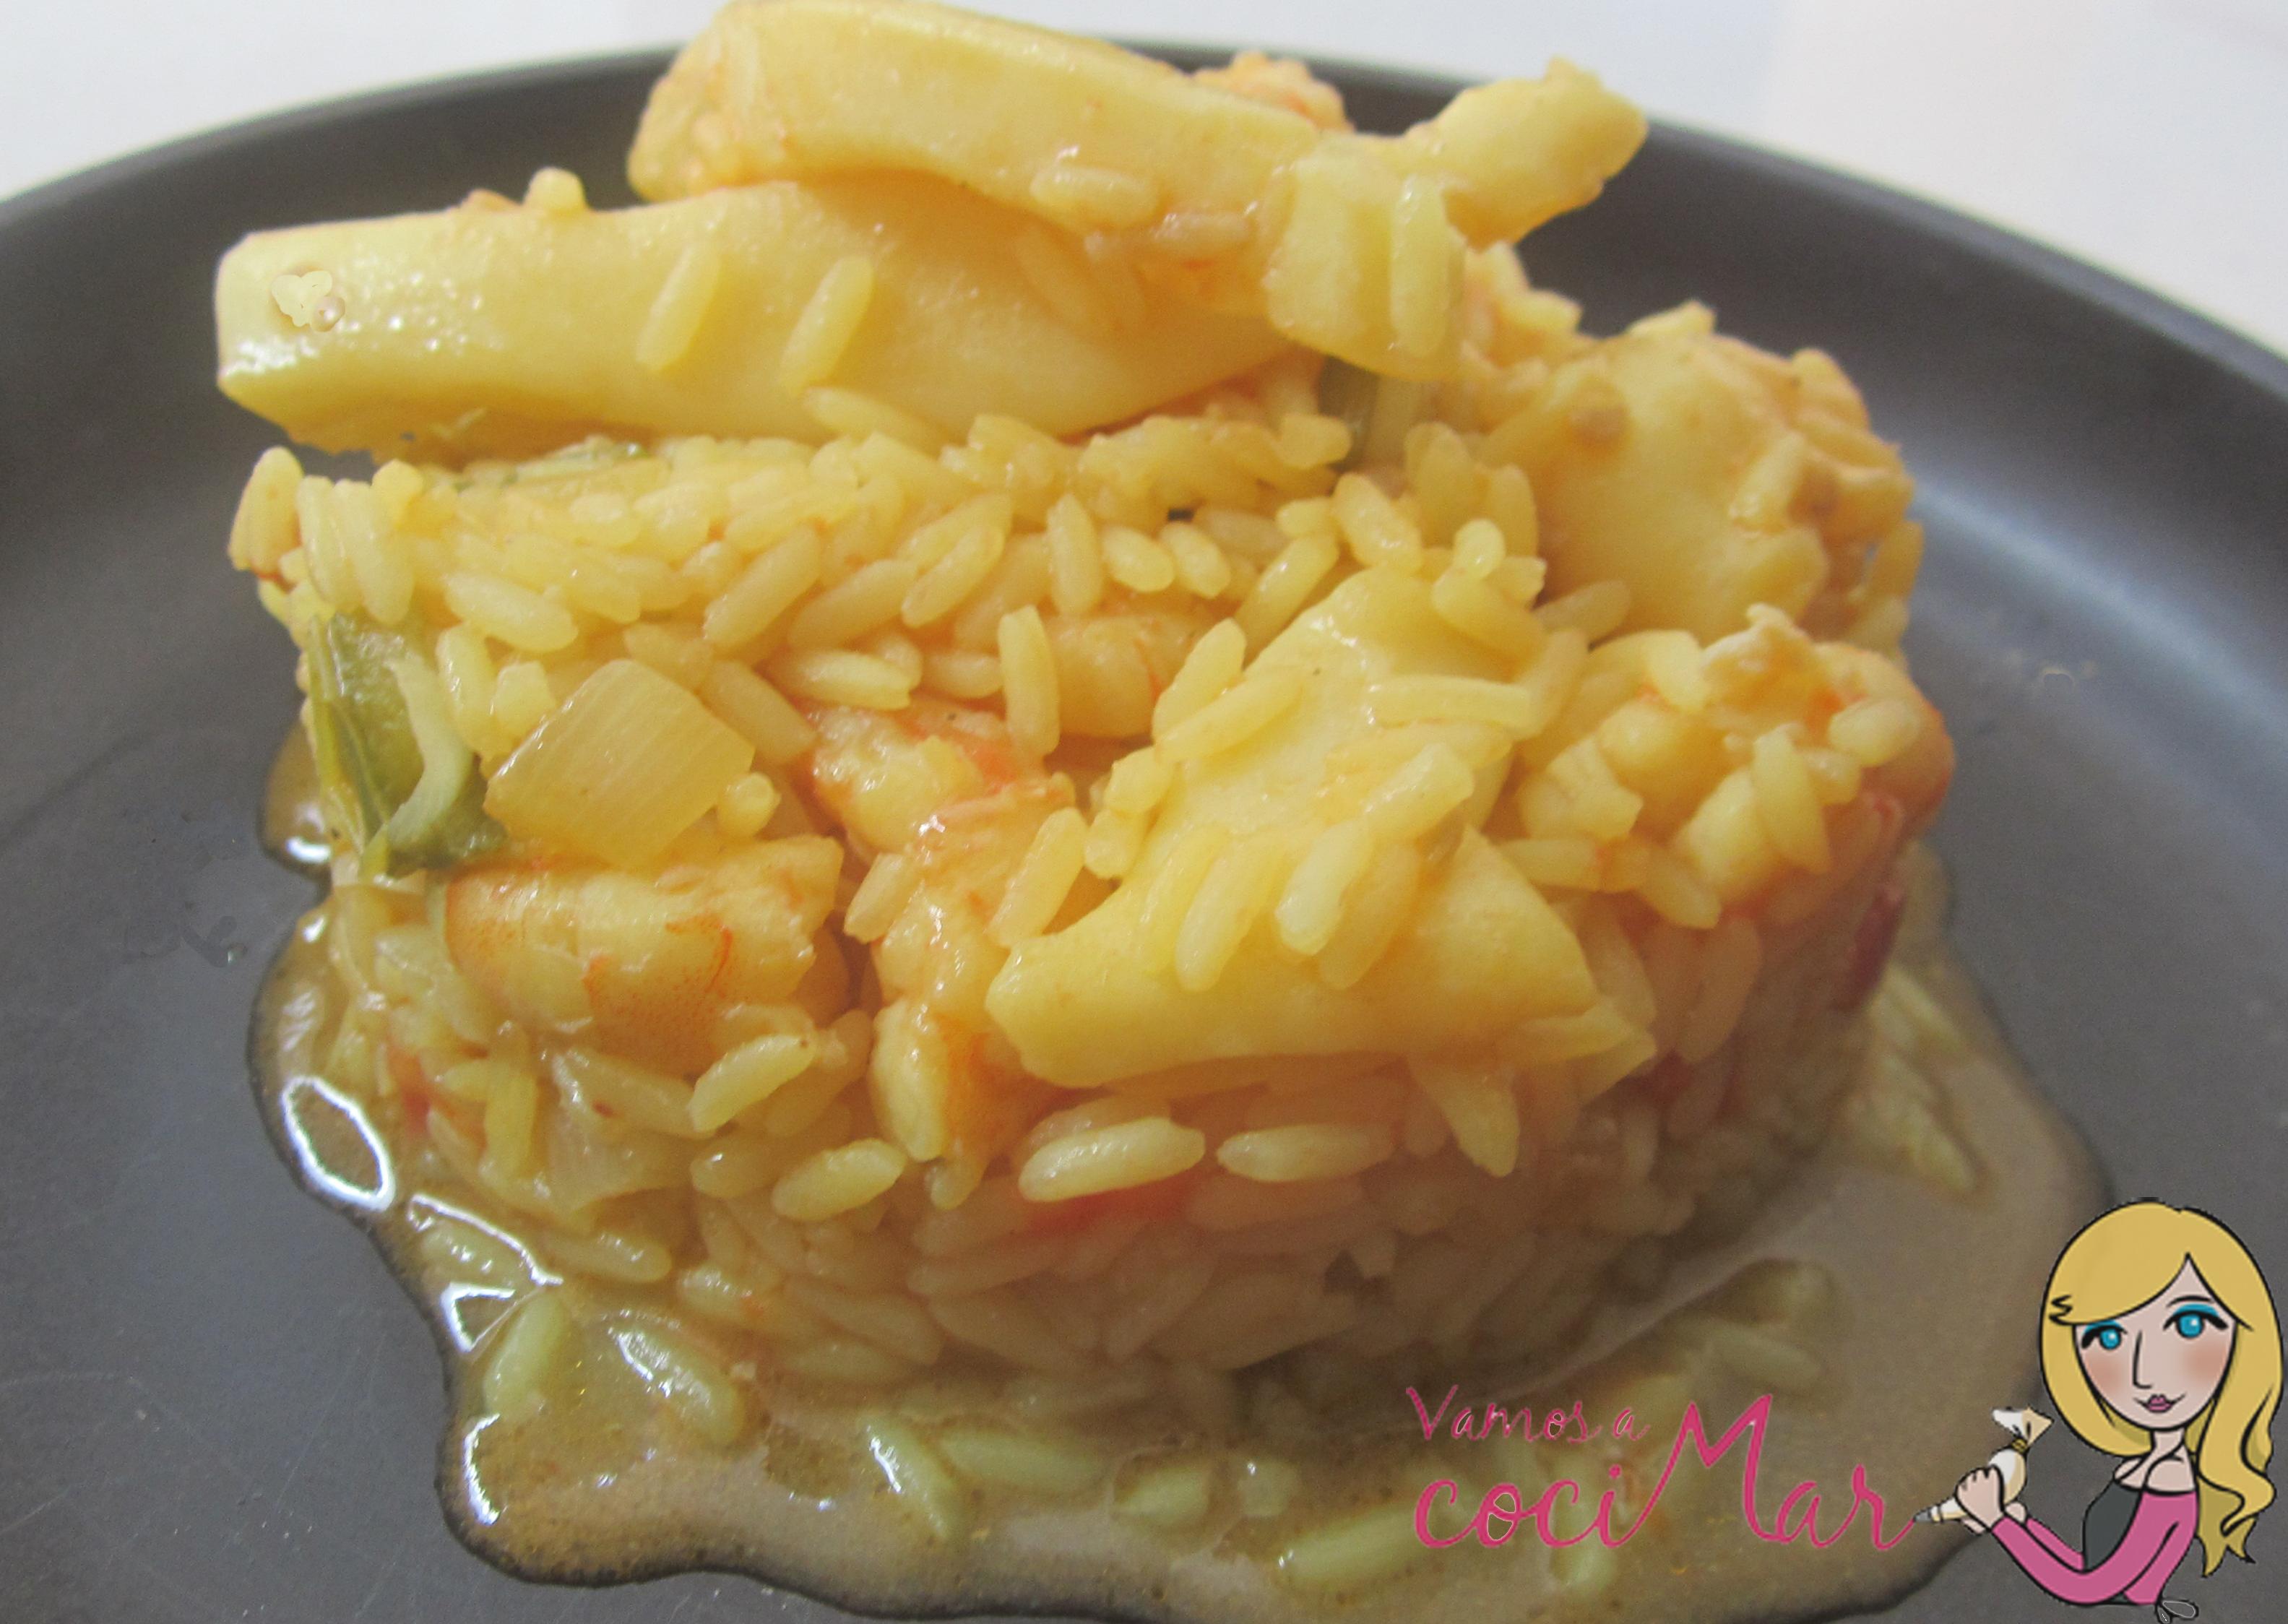 arroz sepia2